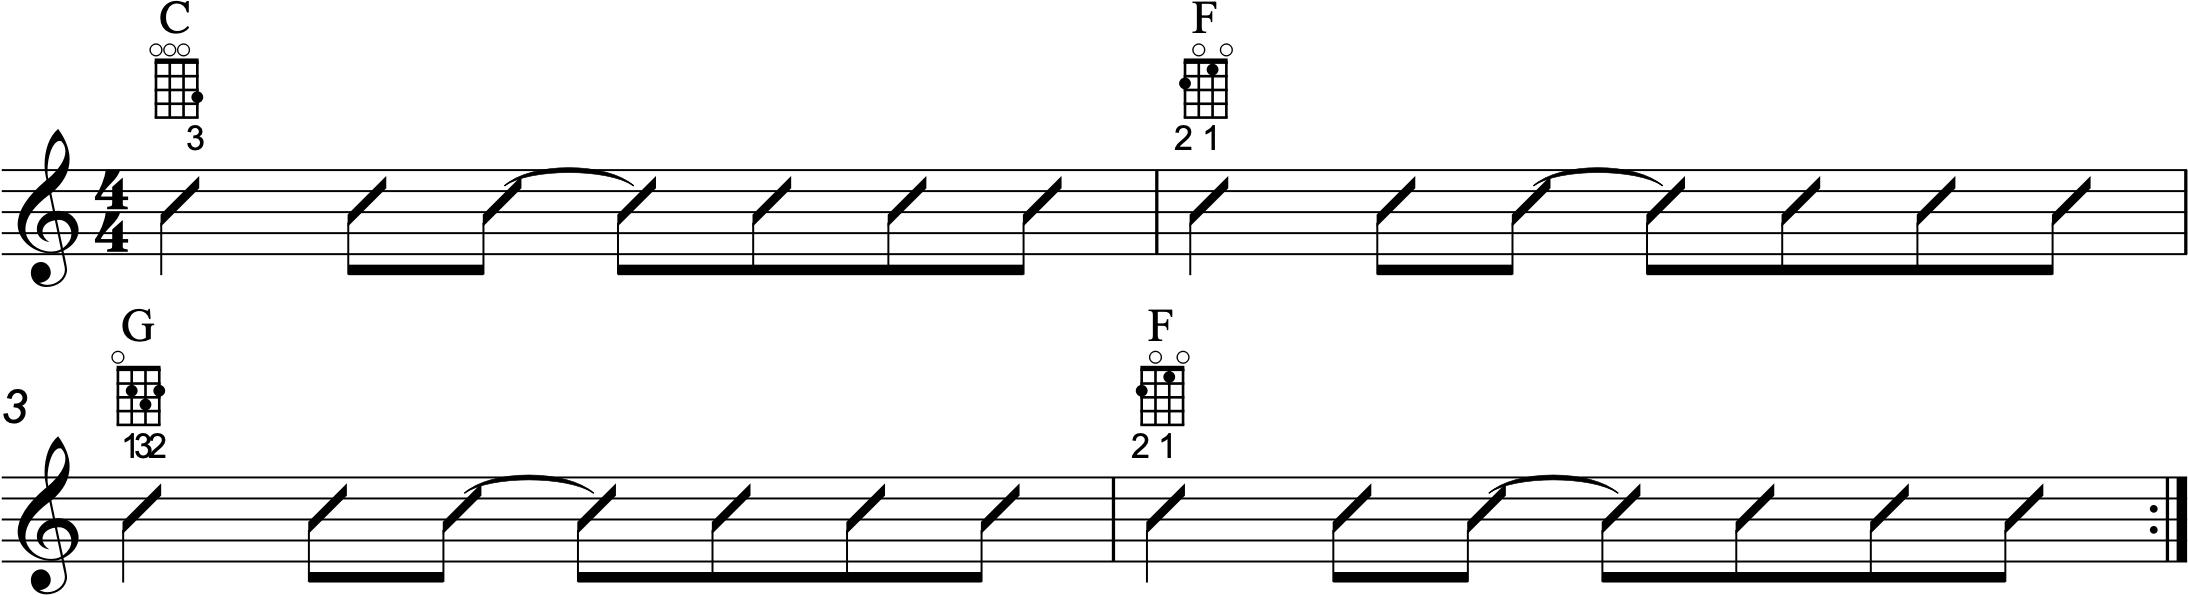 Beginner Ukulele Chord Progression